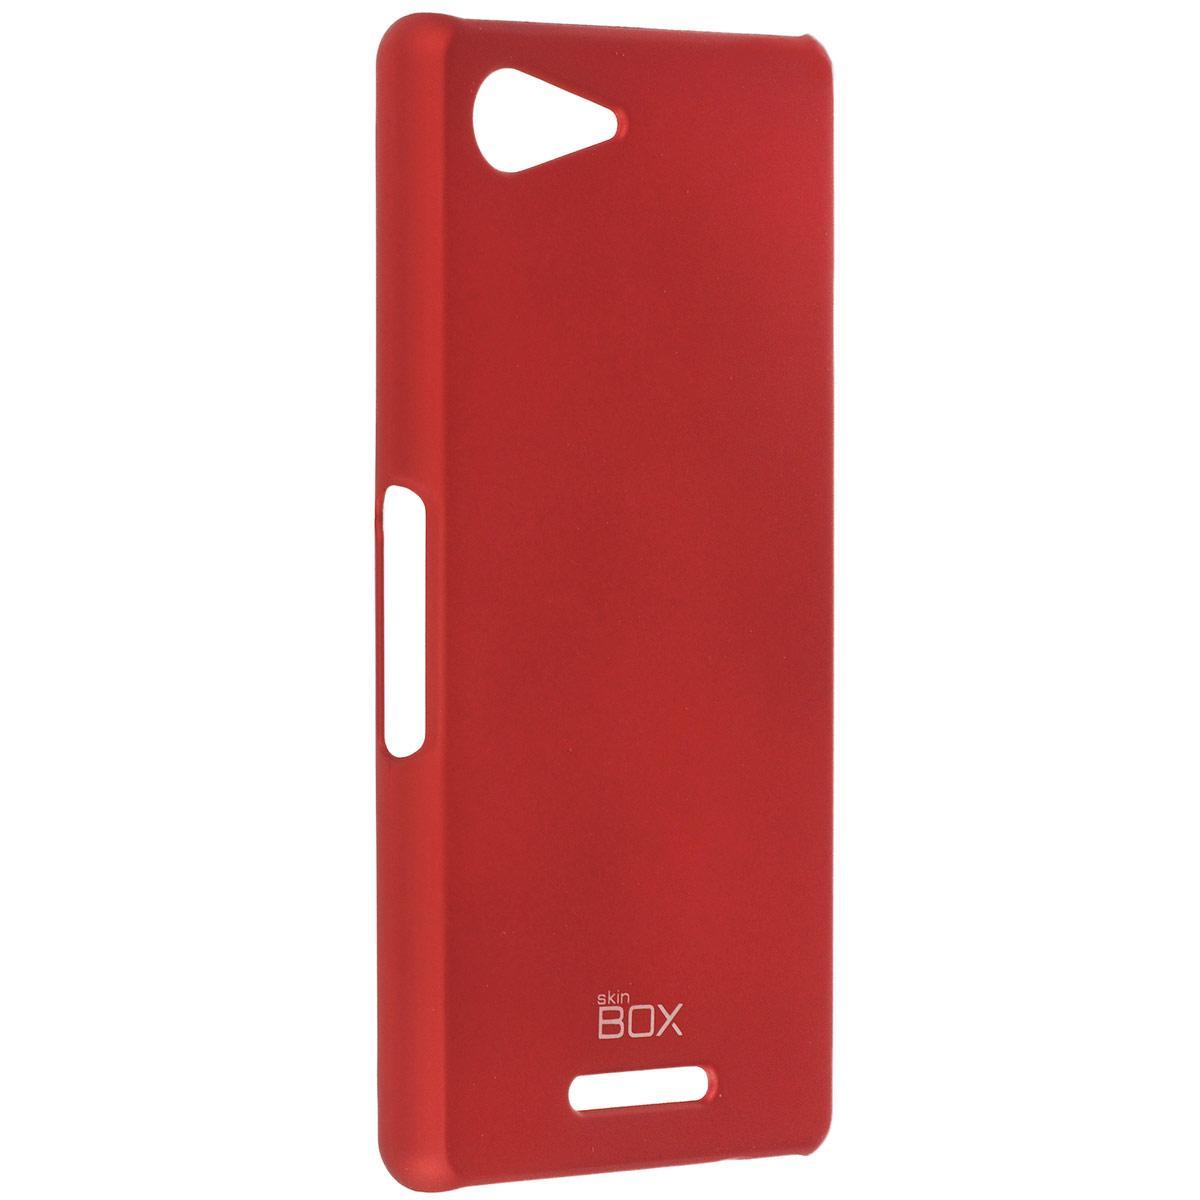 Skinbox Shield 4People чехол для Sony Xperia E3, RedT-S-SXE3-002Чехол Skinbox Shield 4People для Sony Xperia E3 предназначен для защиты корпуса смартфона от механических повреждений и царапин в процессе эксплуатации. Имеется свободный доступ ко всем разъемам и кнопкам устройства. В комплект также входит защитная пленка на экран телефона.